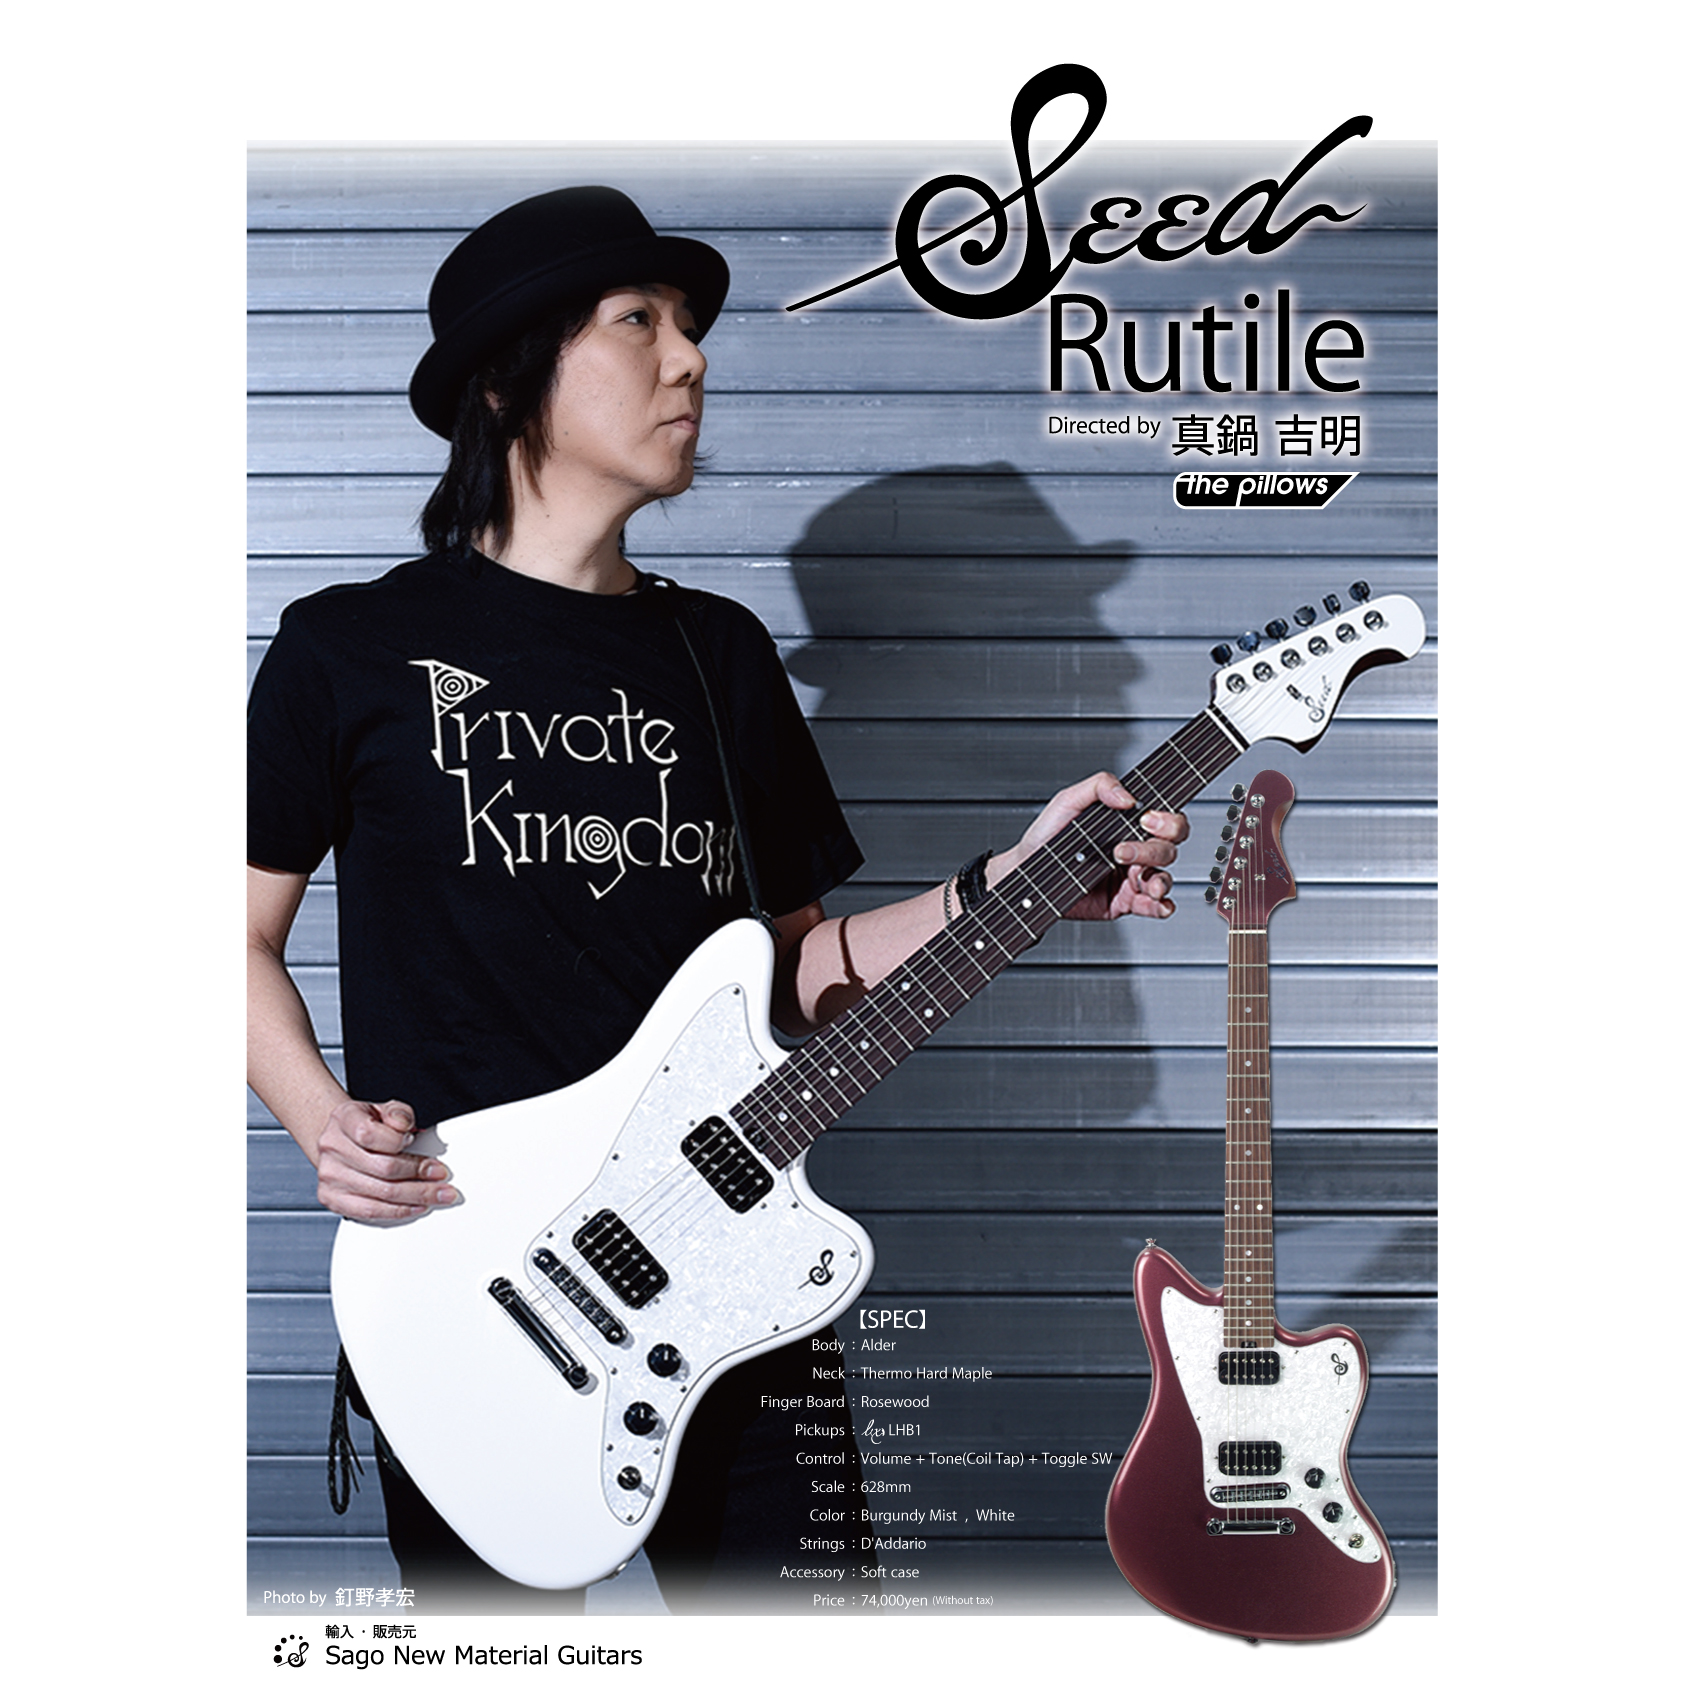 【送料無料】Seed(シード) エレキギター Rutile / the pillows 真鍋 吉明 シグネイチャーモデル